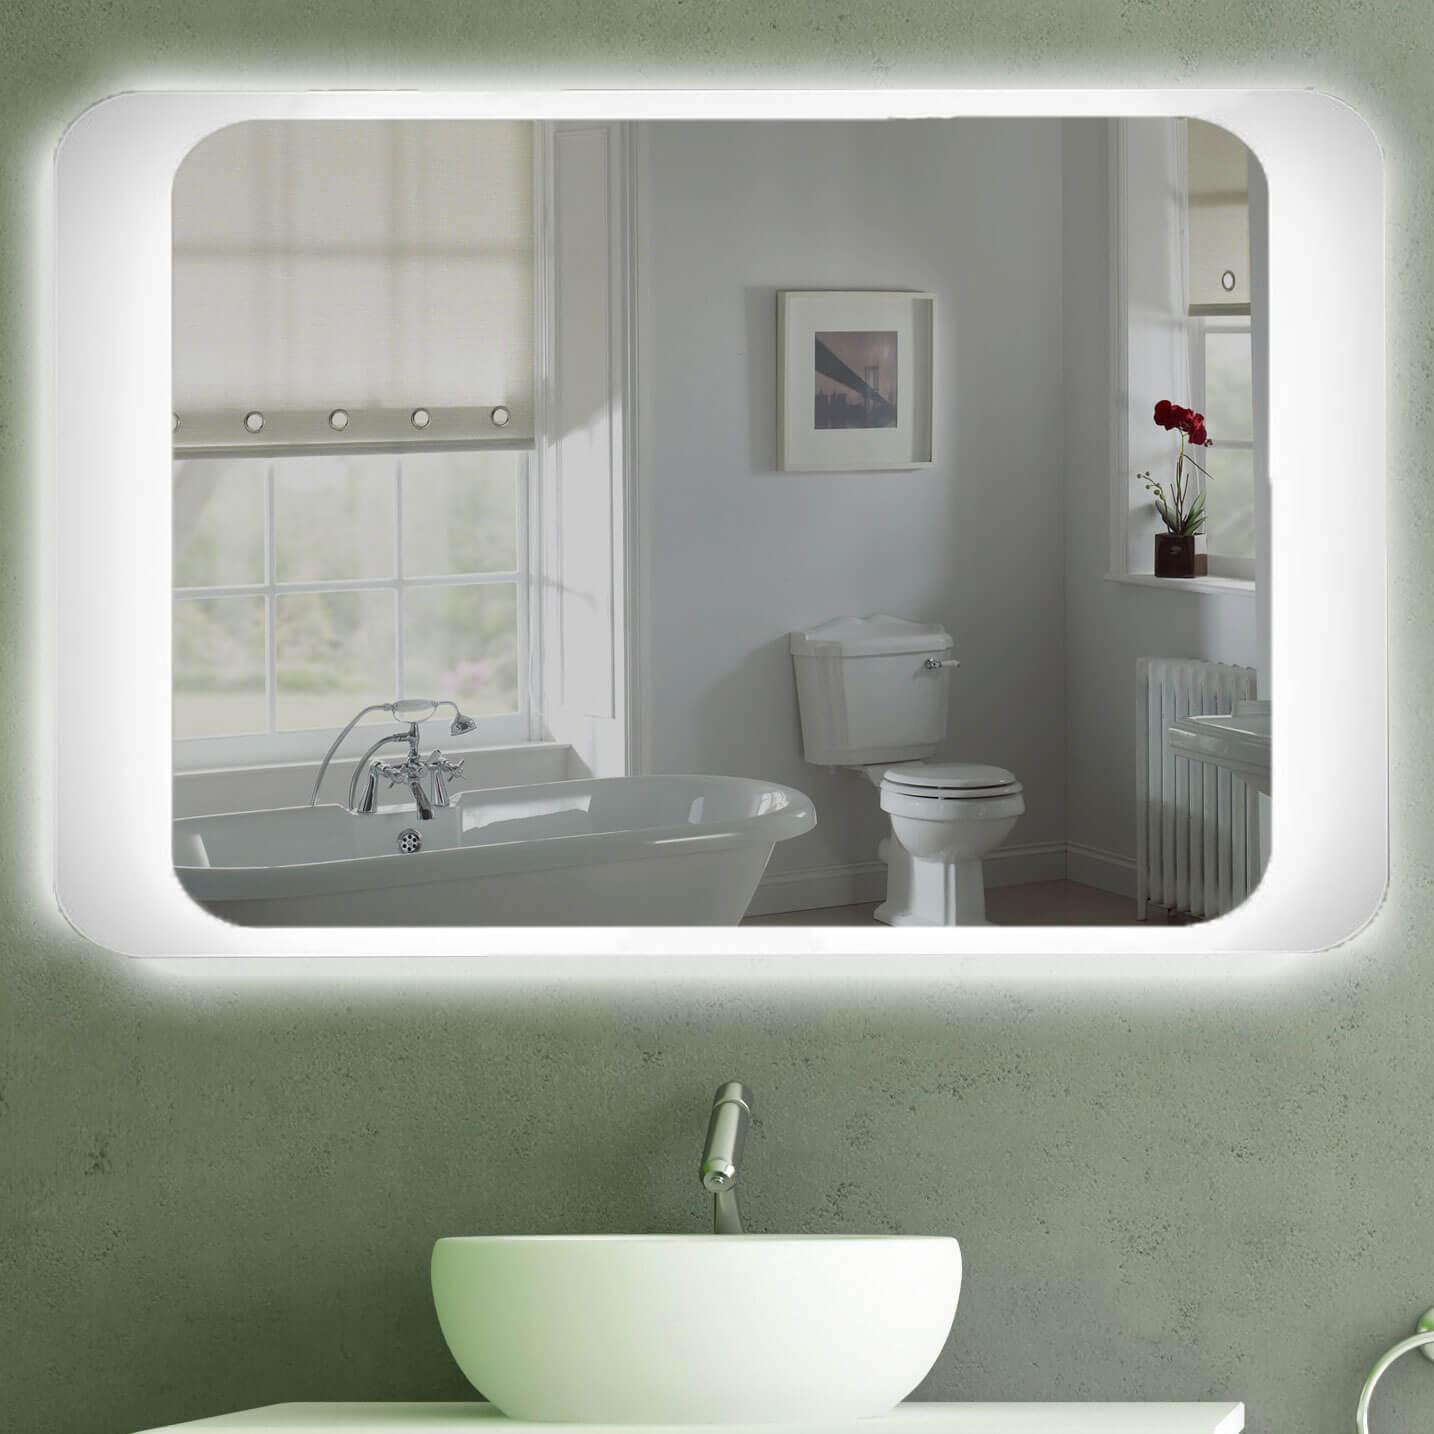 Wc Spiegel Ohne Beleuchtung : Badspiegel mit Beleuchtung  Spiegel TÜV geprüft kostenloser ...